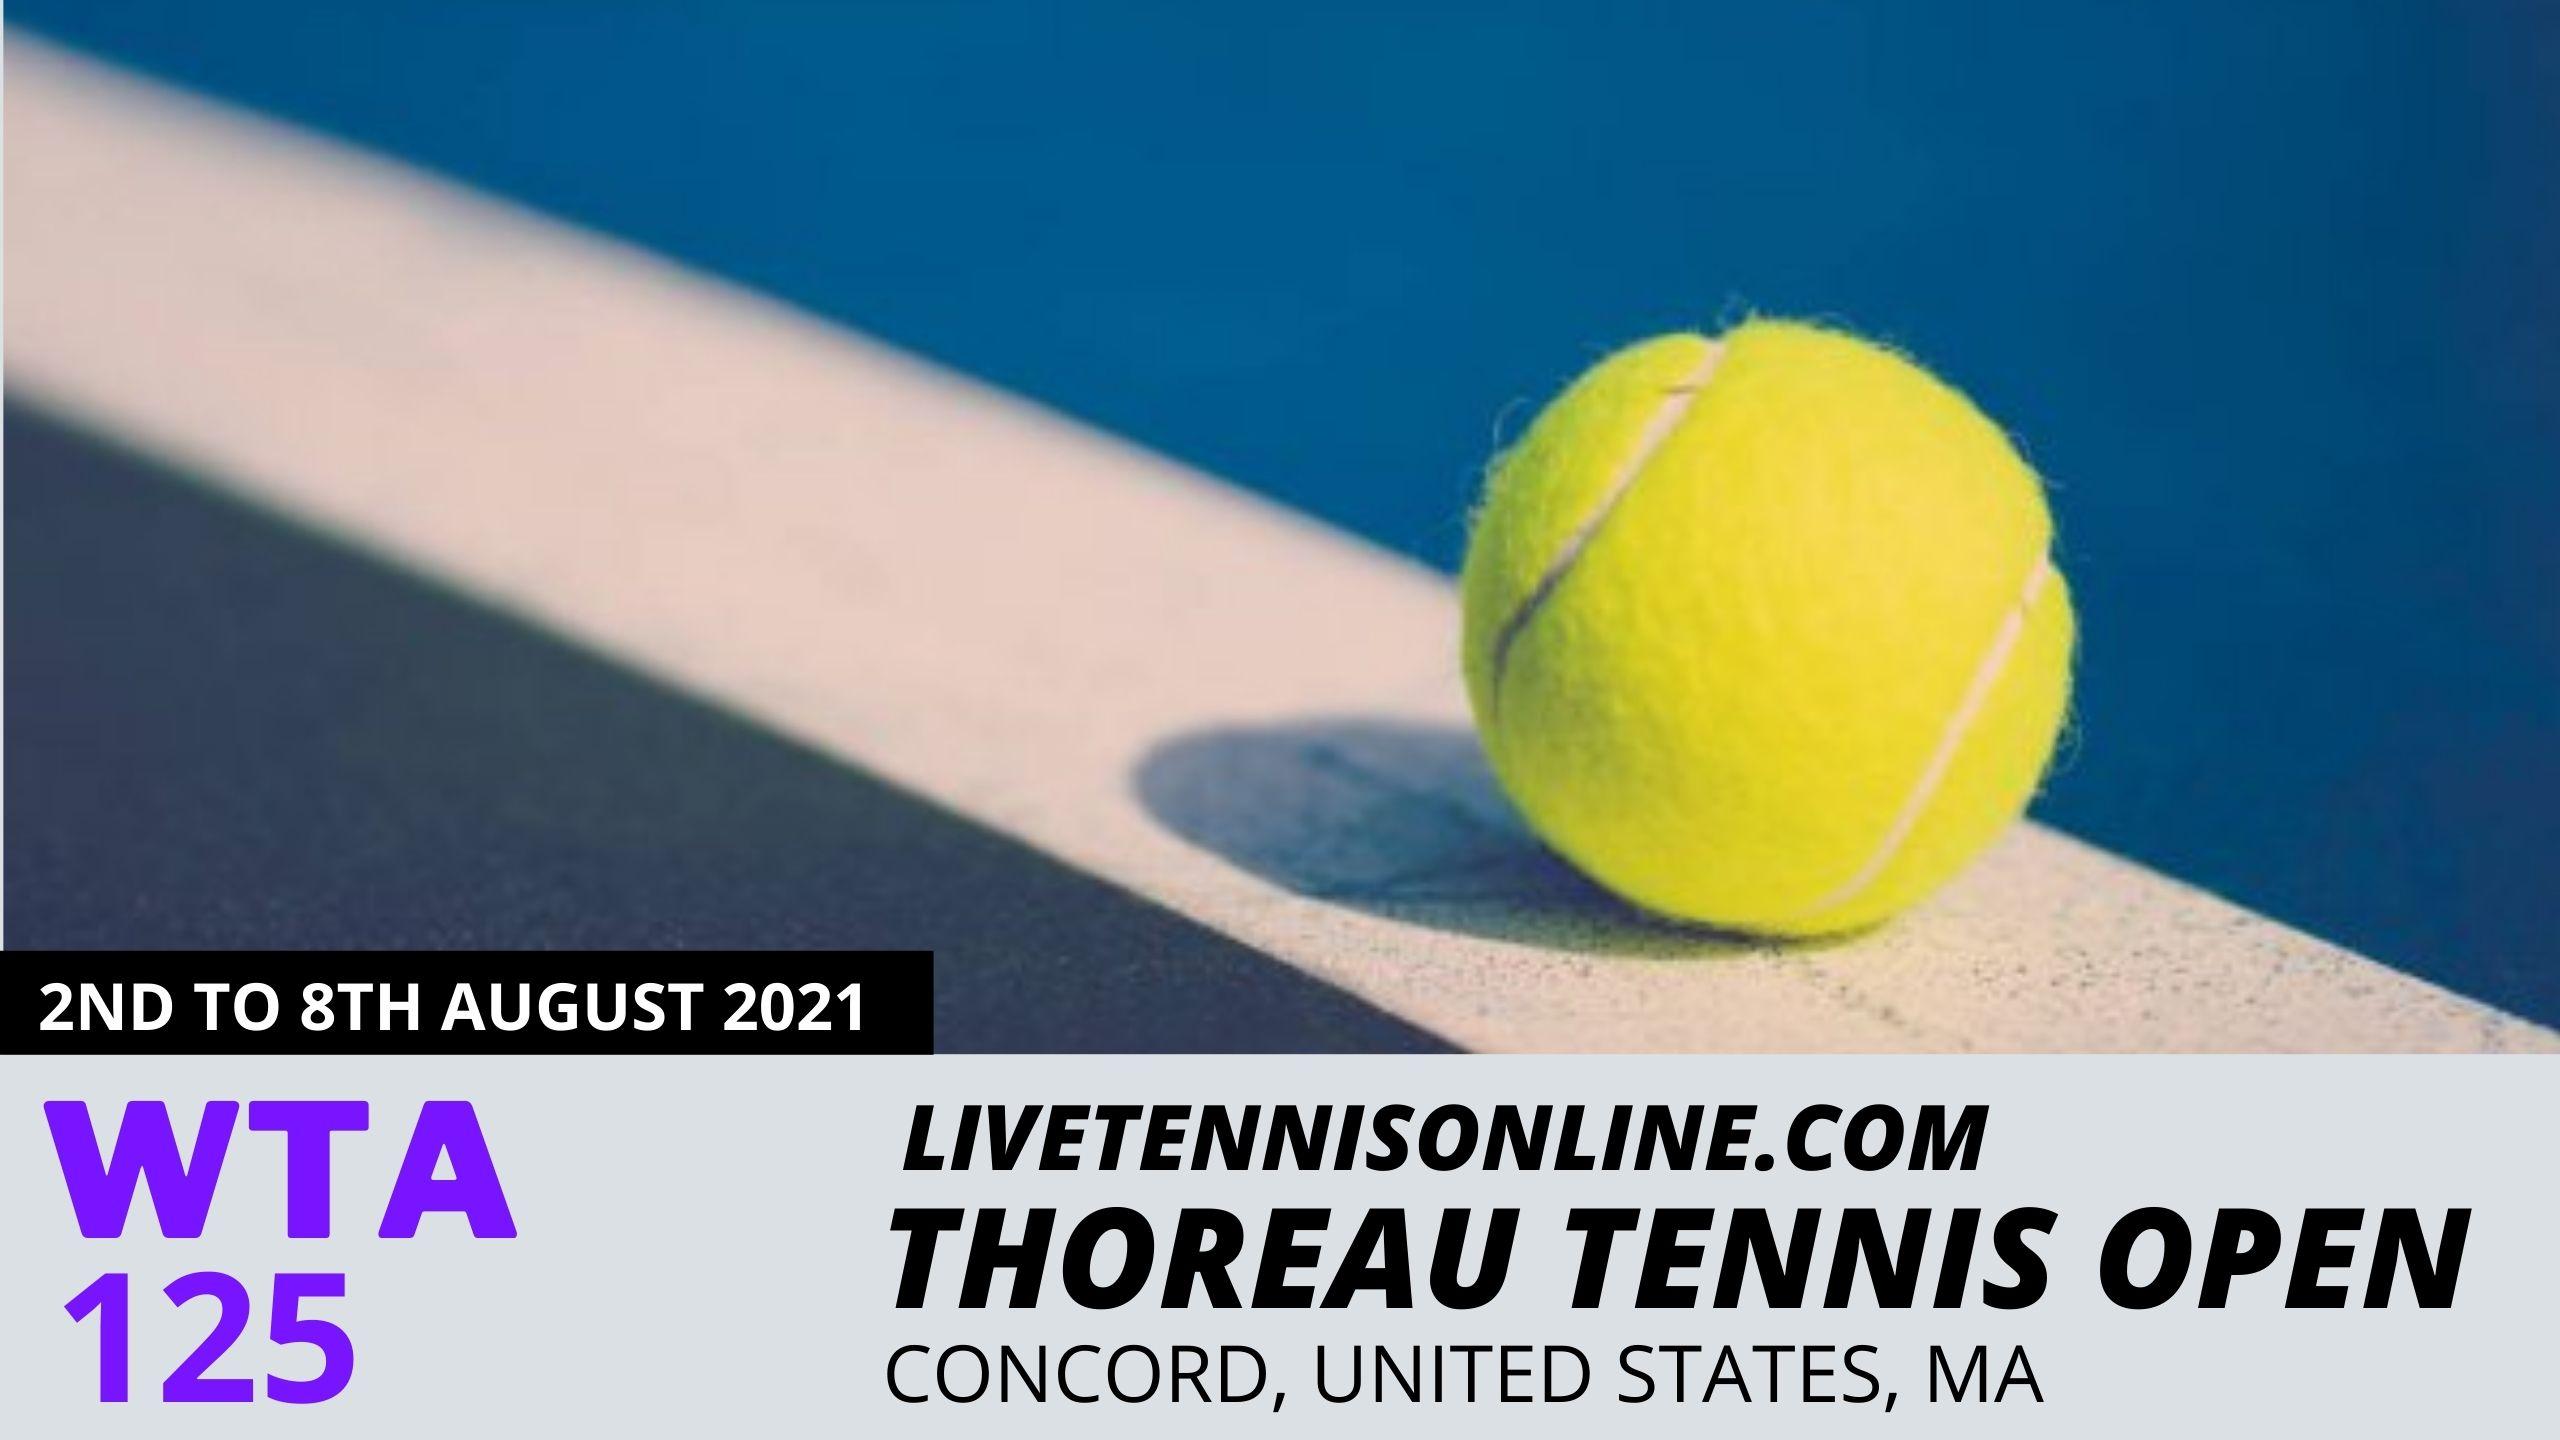 WTA Thoreau Tennis Open Live Stream